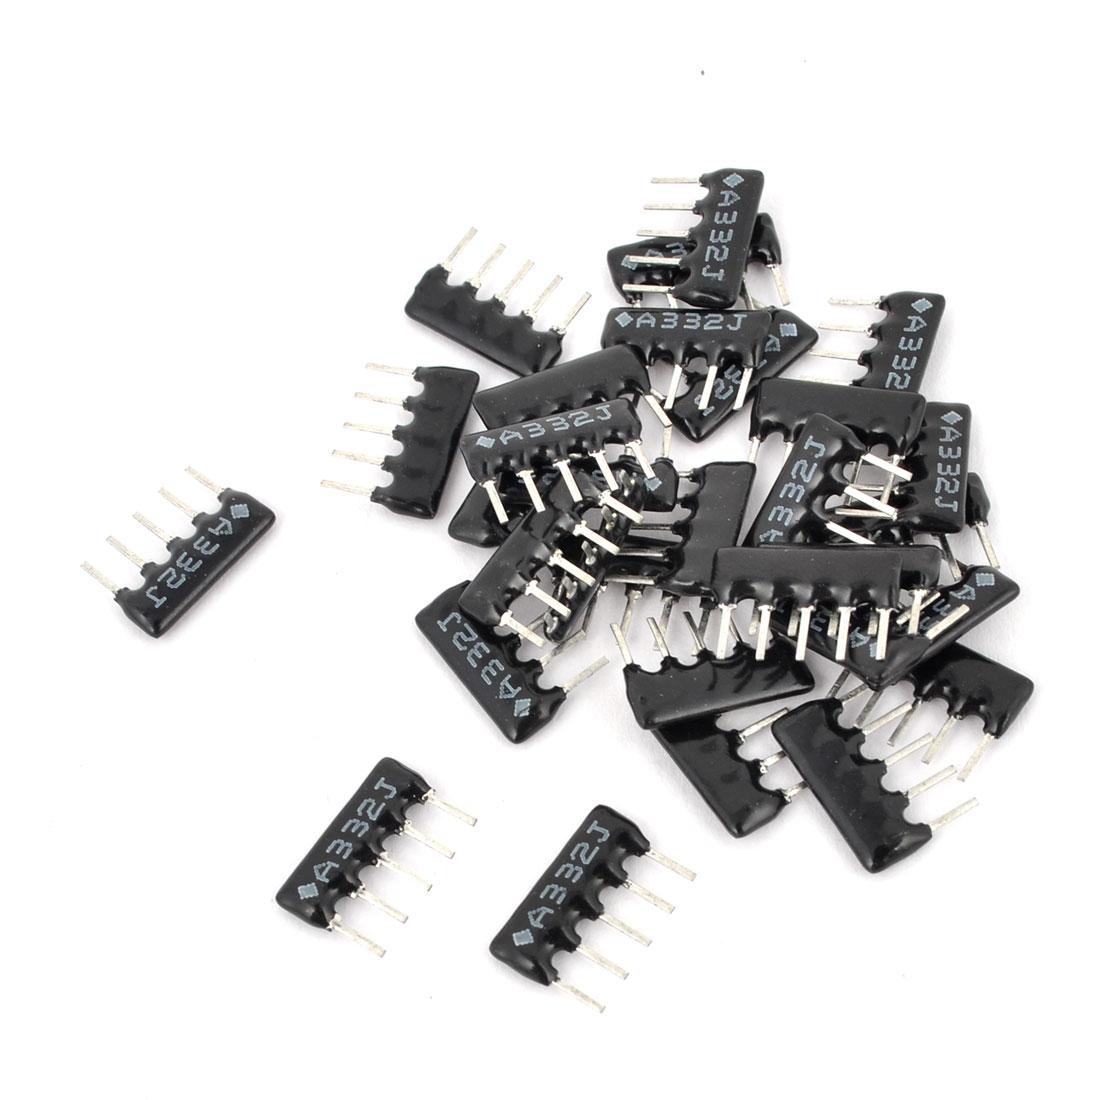 15 Pcs A05-3322 3.2K ohm 2.54 Pitch 5 Pin Lead Network Resistors